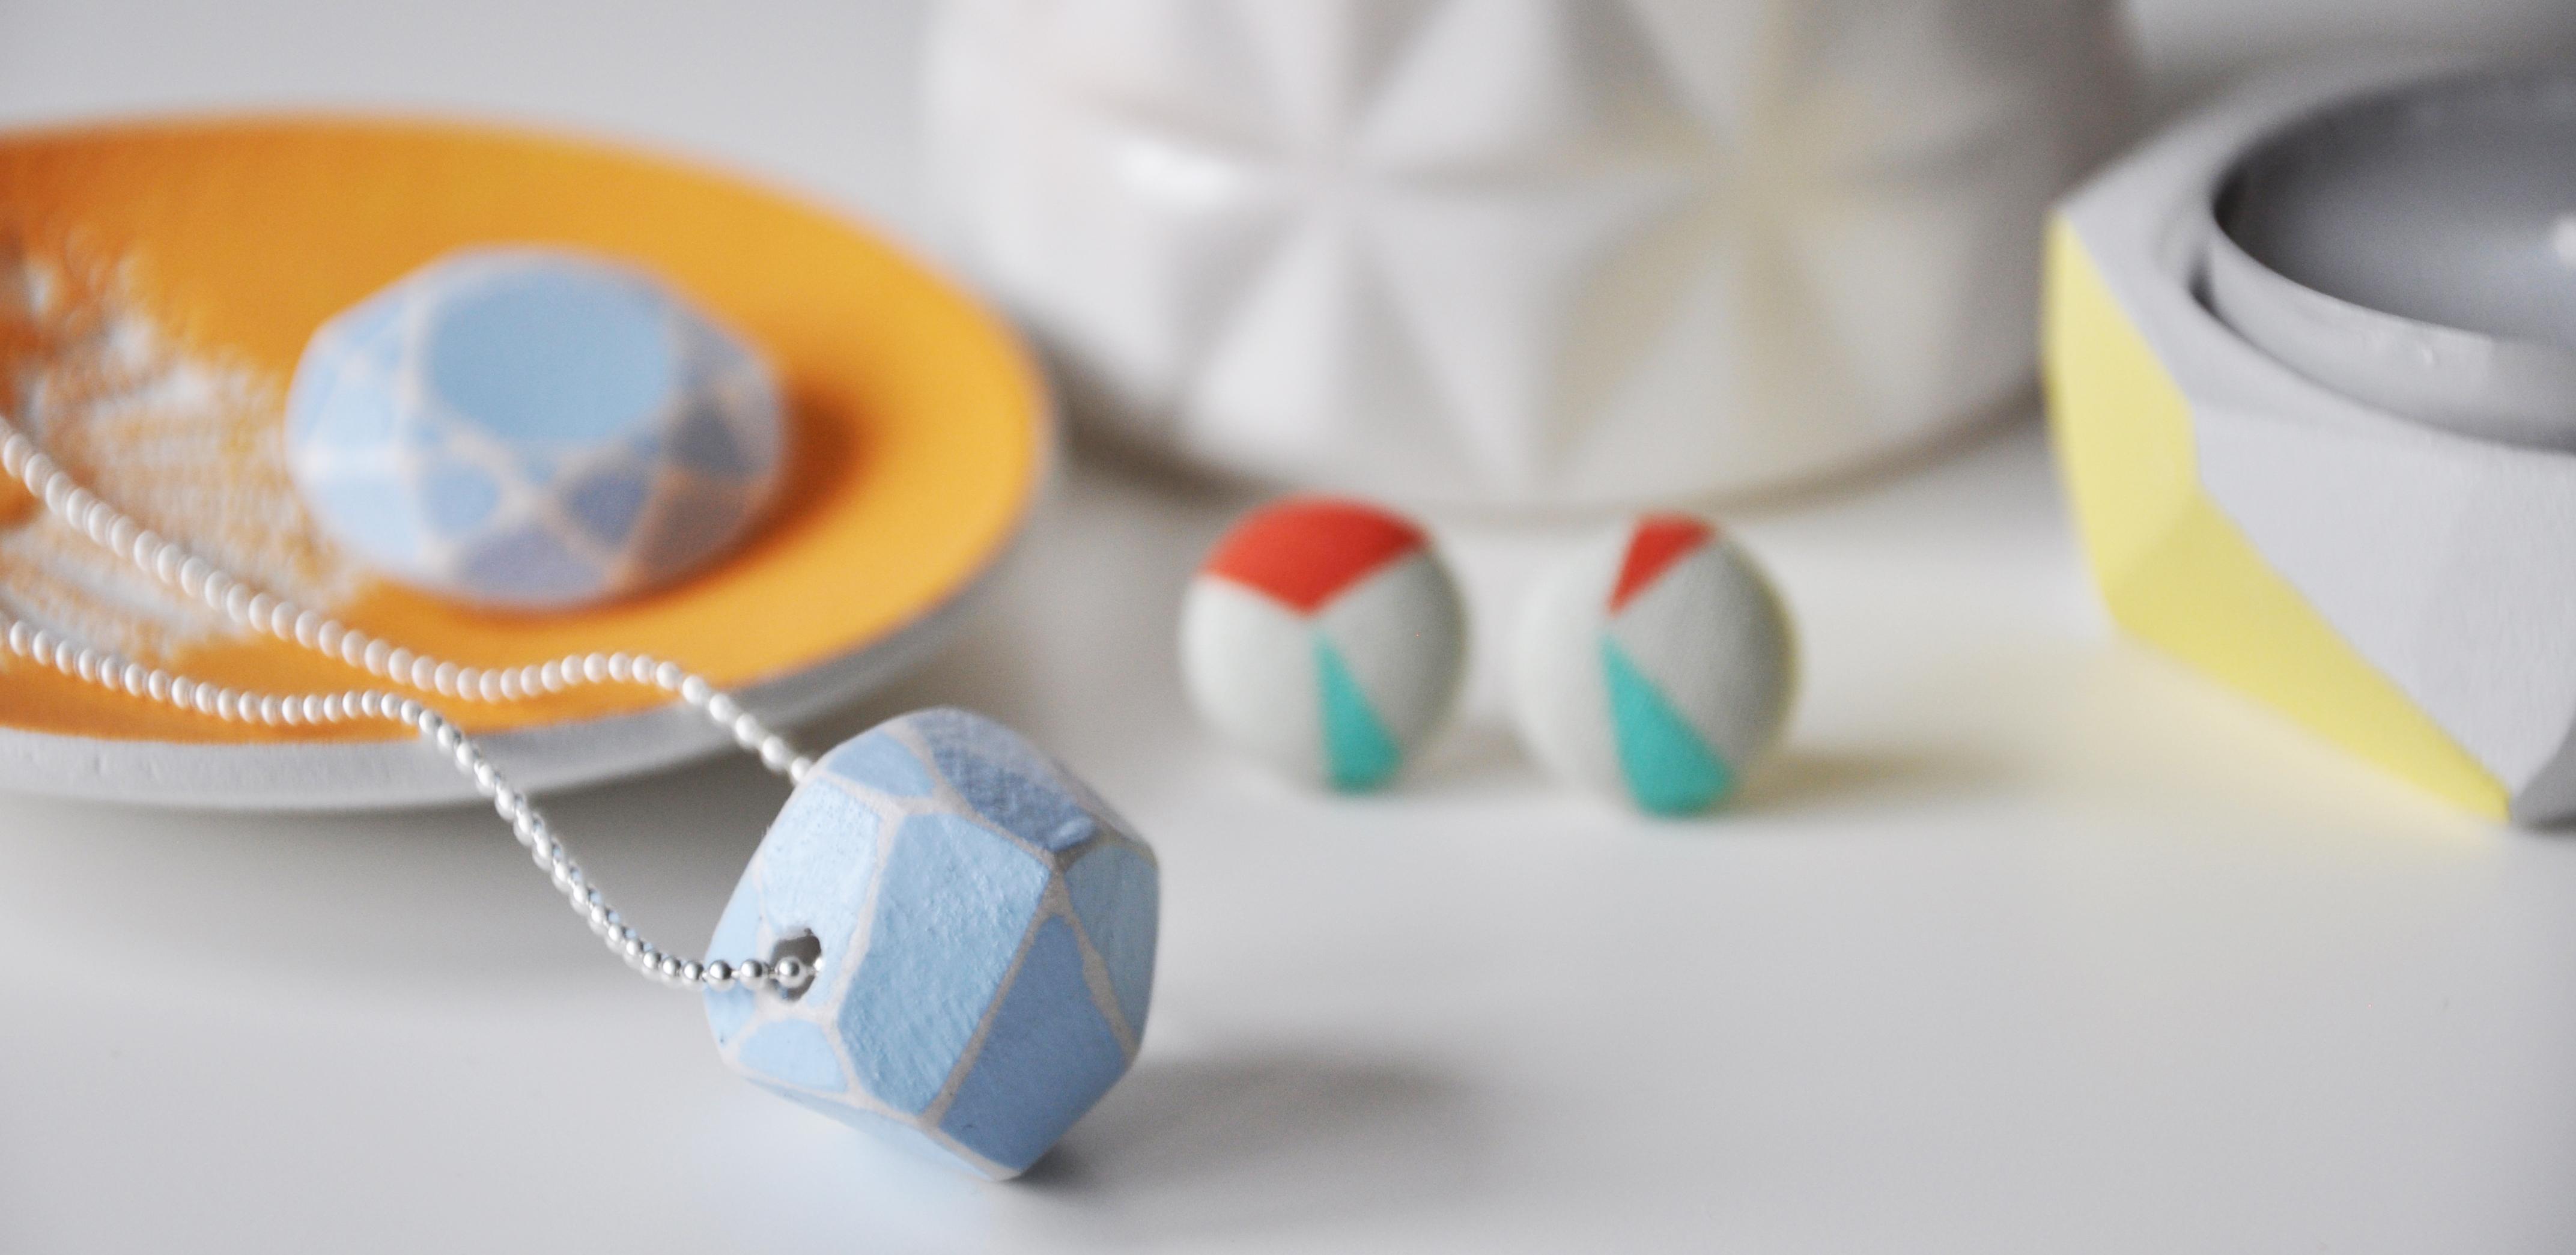 Lace print jewellery dish. FAB geometric mini studs